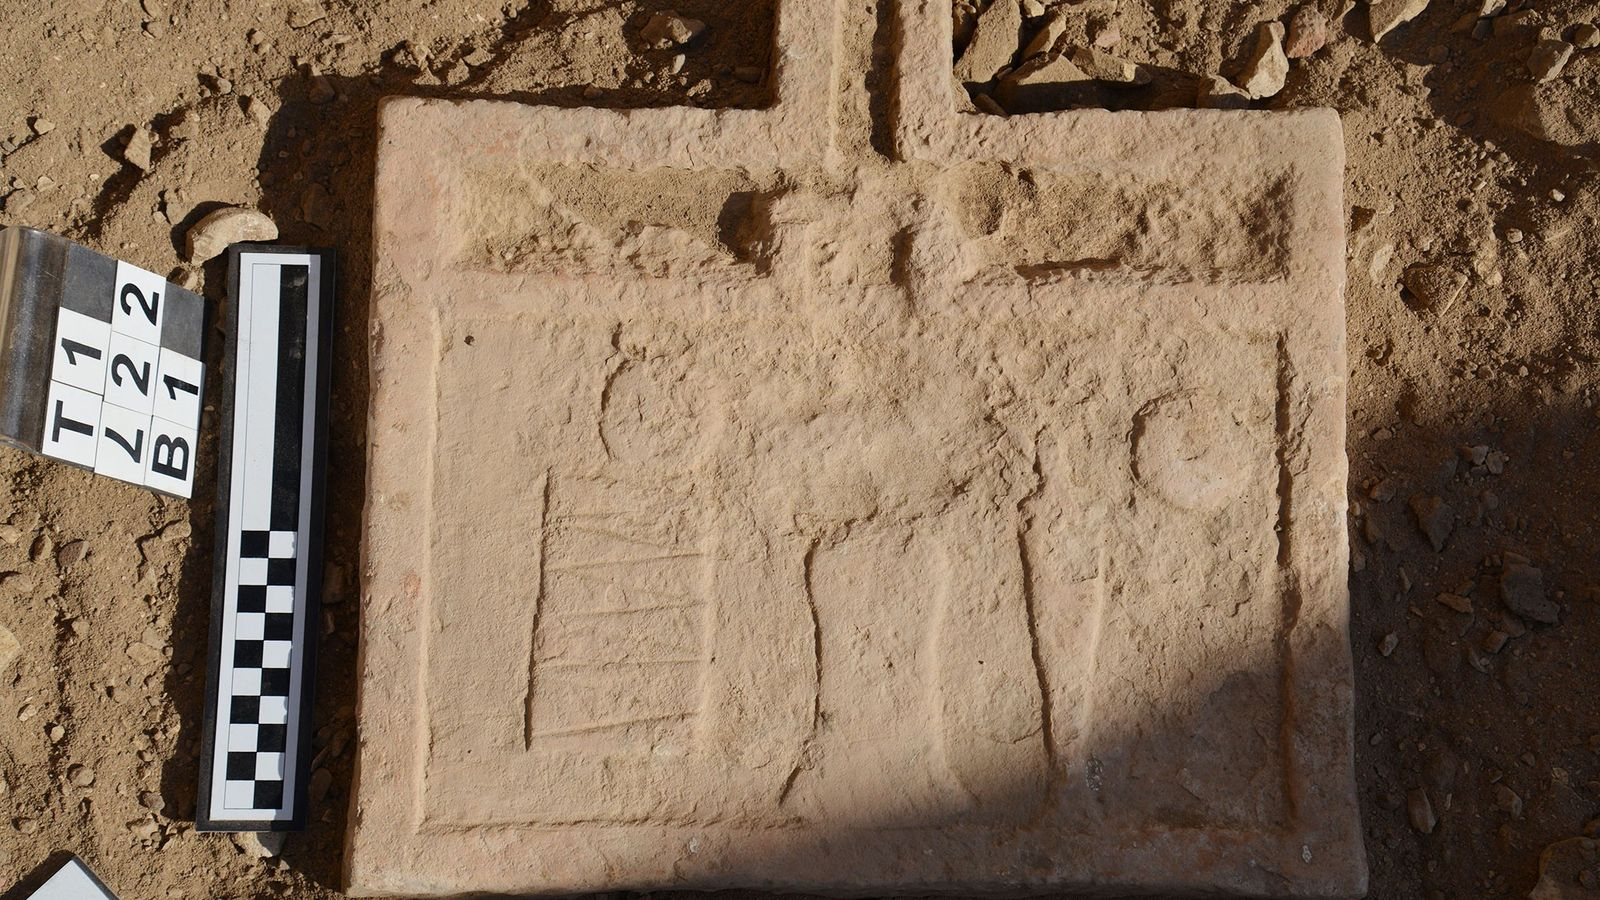 Dieser Tisch für Opfergaben wurde in Intefs Grab gefunden. Die Gräber der Stätte wurden zwar größtenteils ...